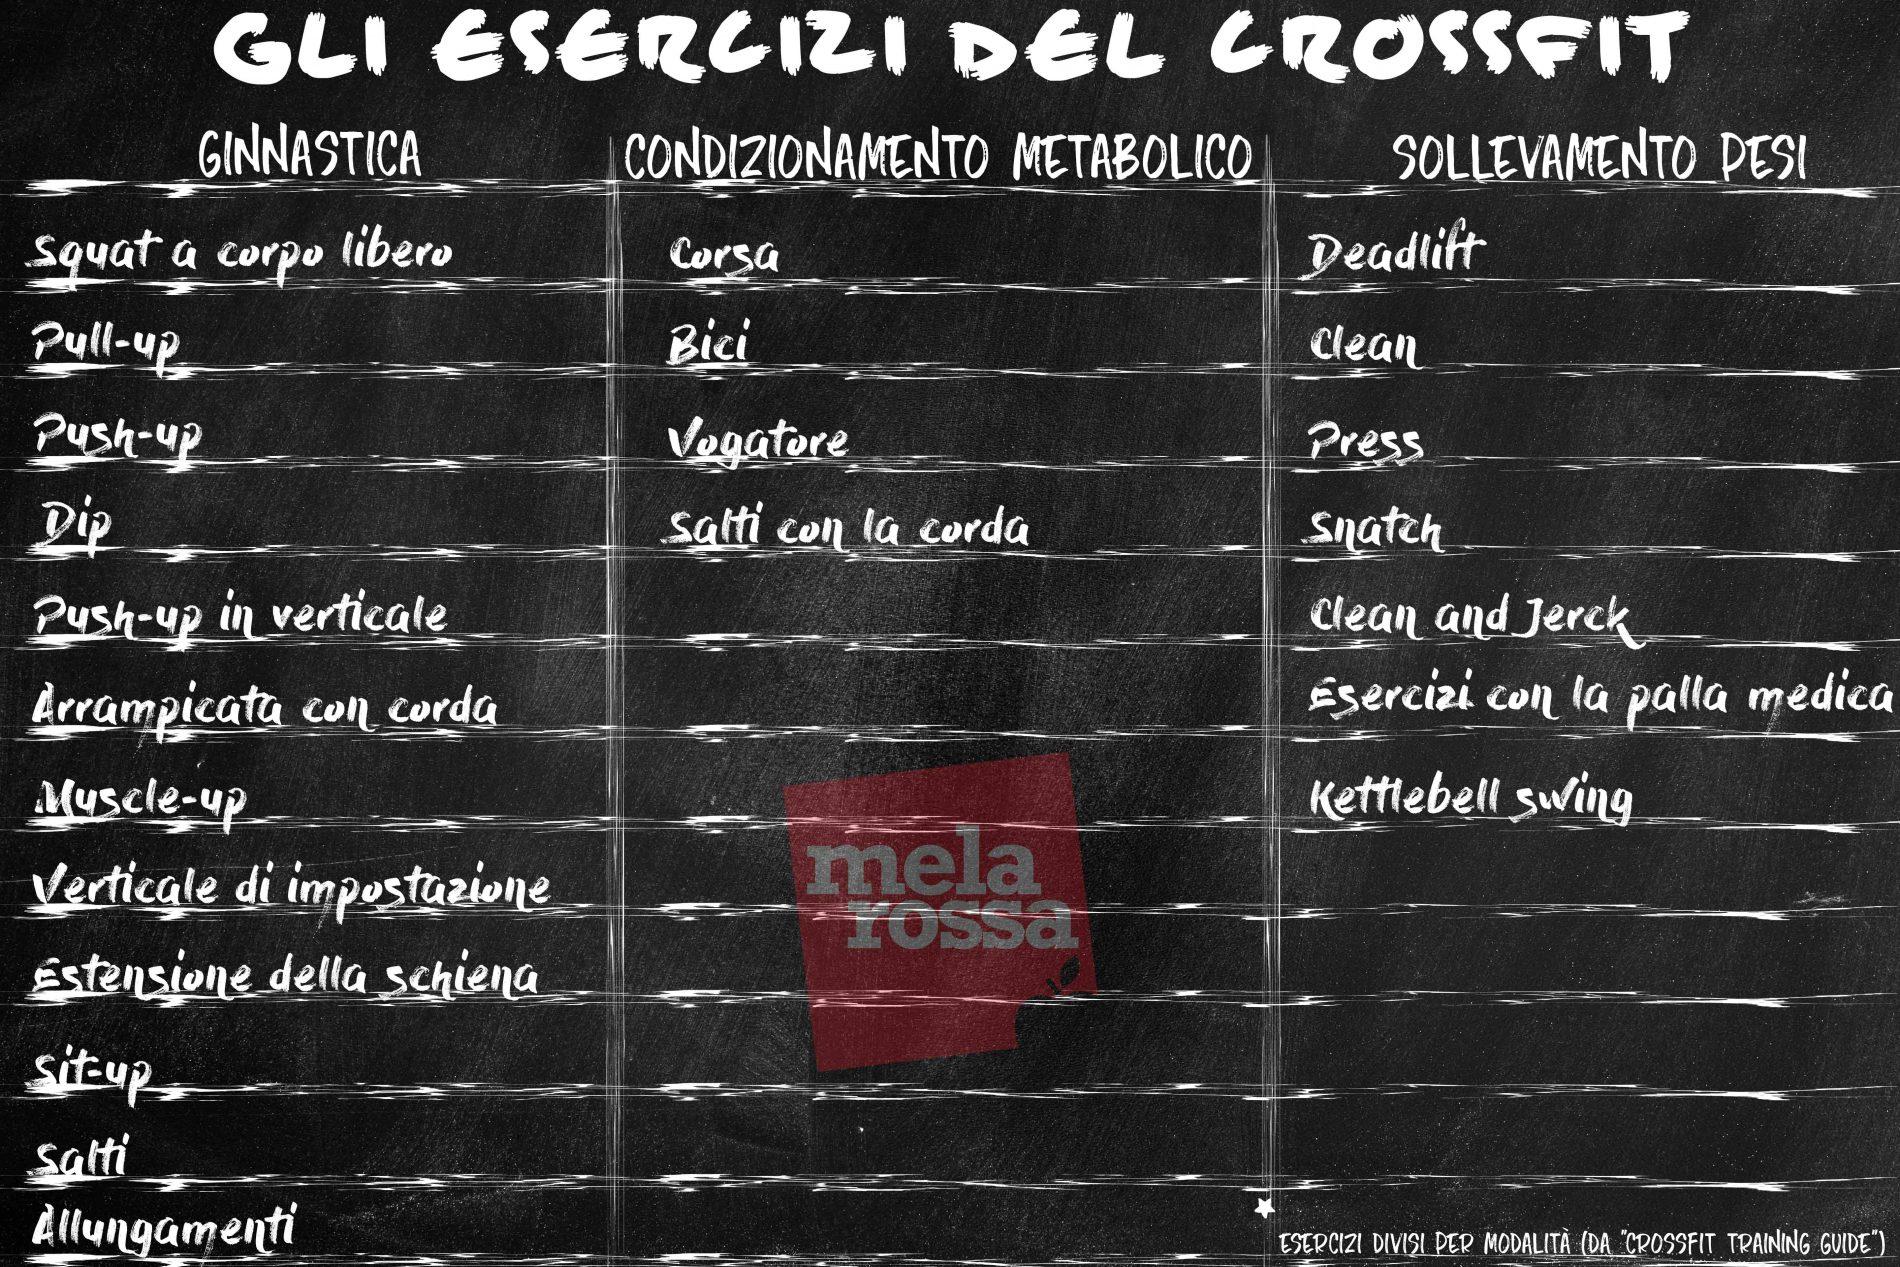 Crossfit Lallenamento Perfetto Per Accelerare Il Tuo Metabolismo